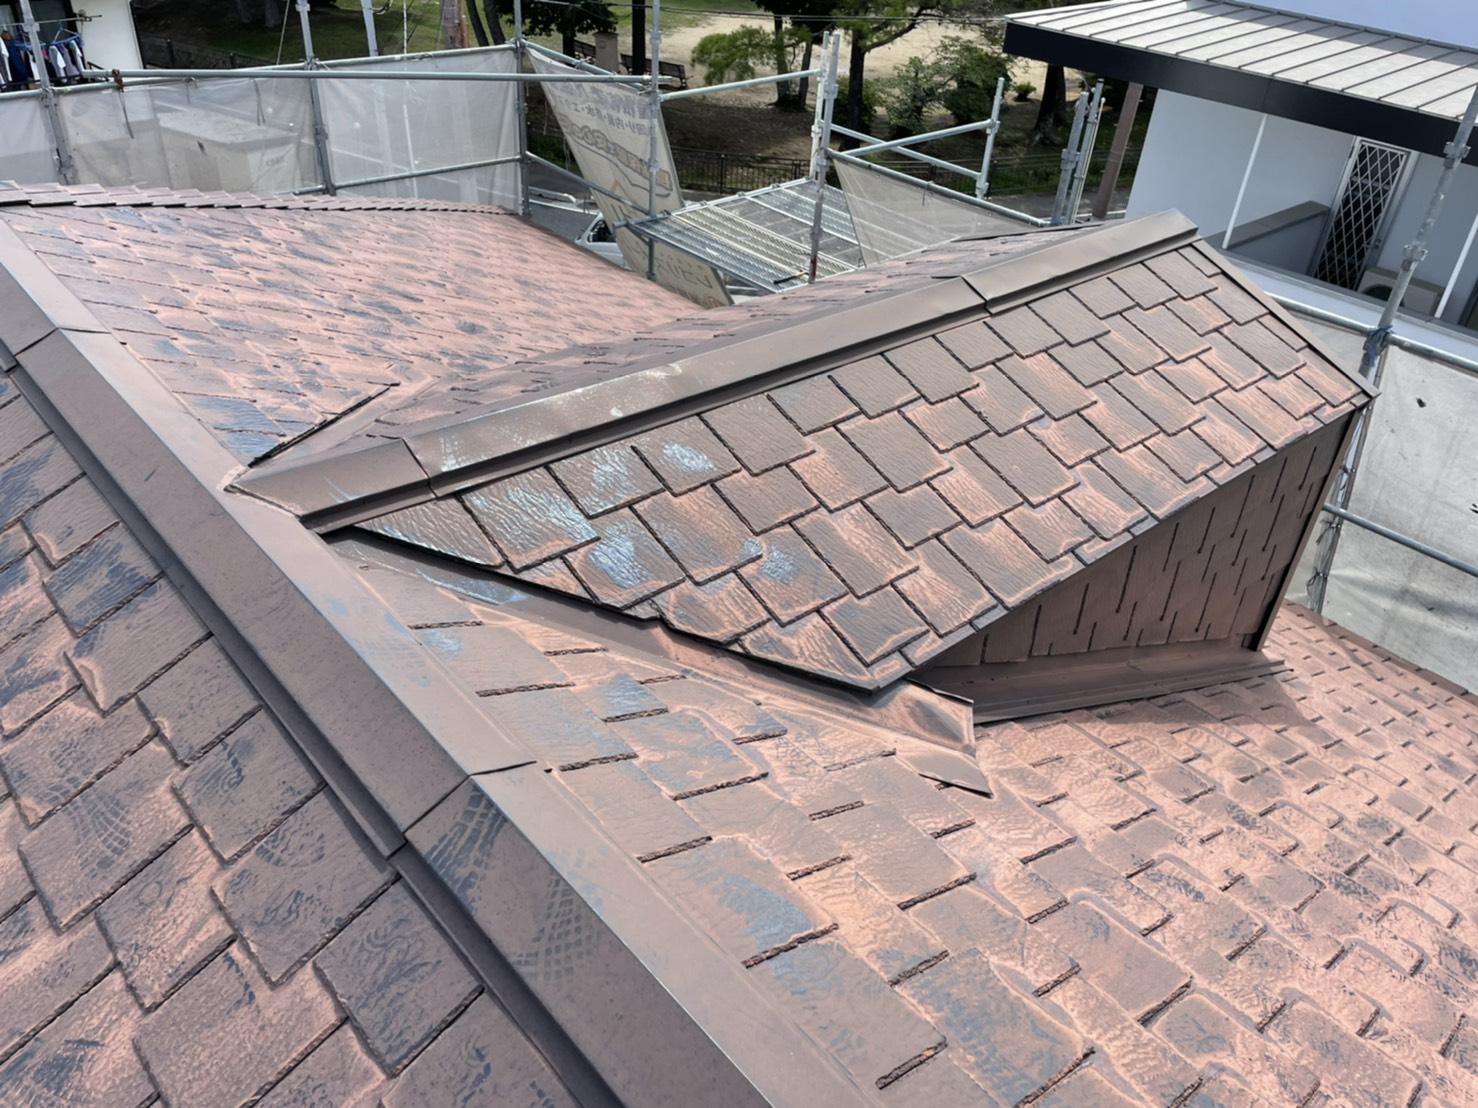 加古川市で屋根カバー工事を行った既存のスレート屋根の様子